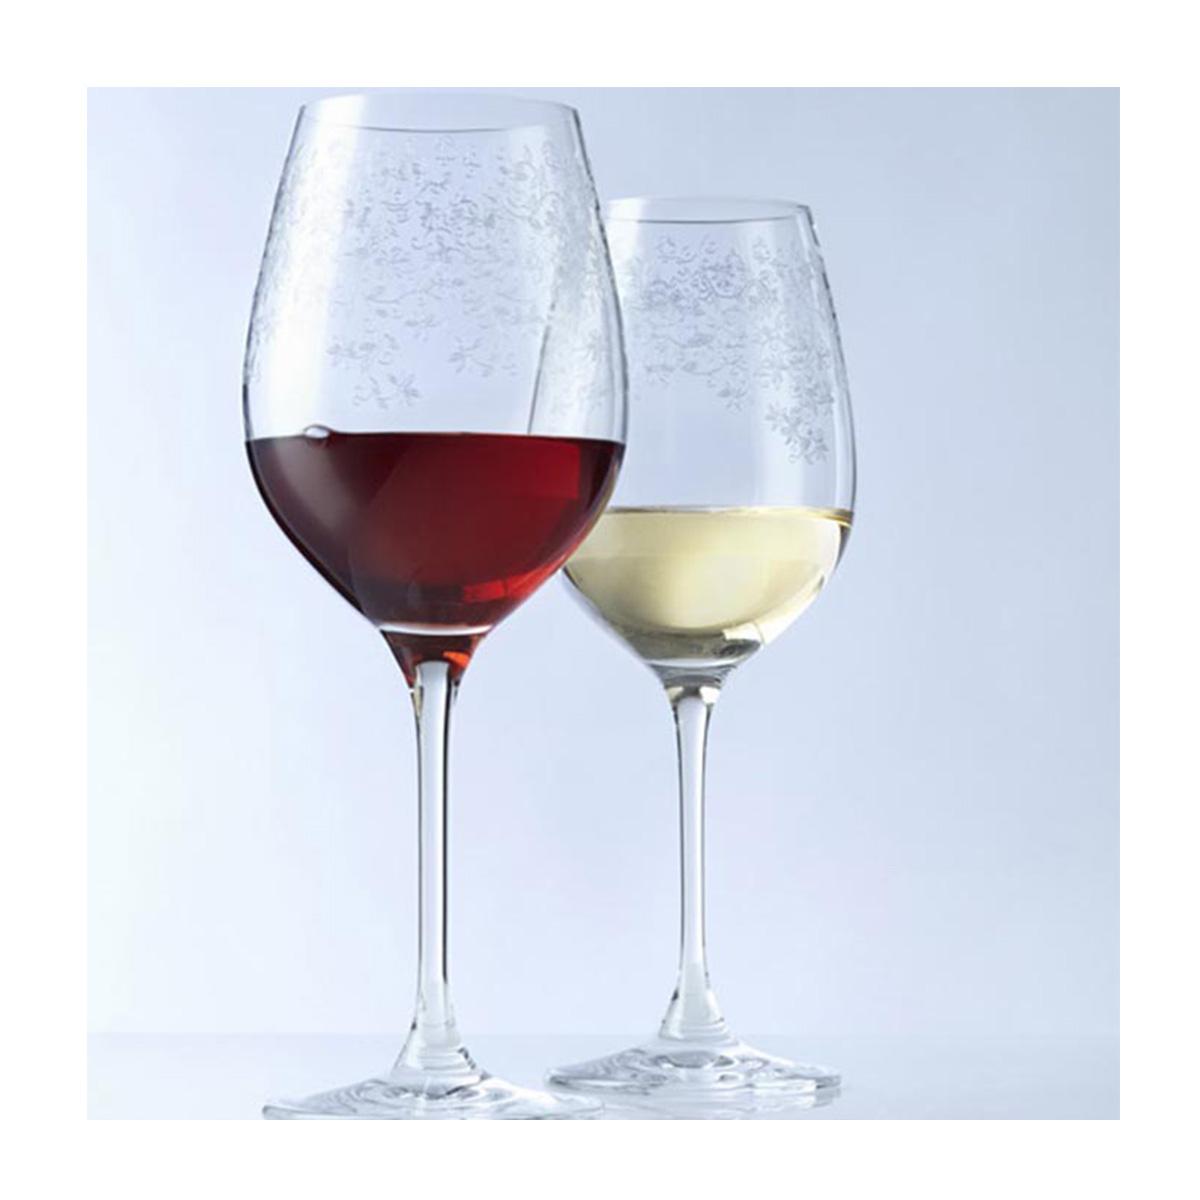 Čaša za crno vino Chateau 61592